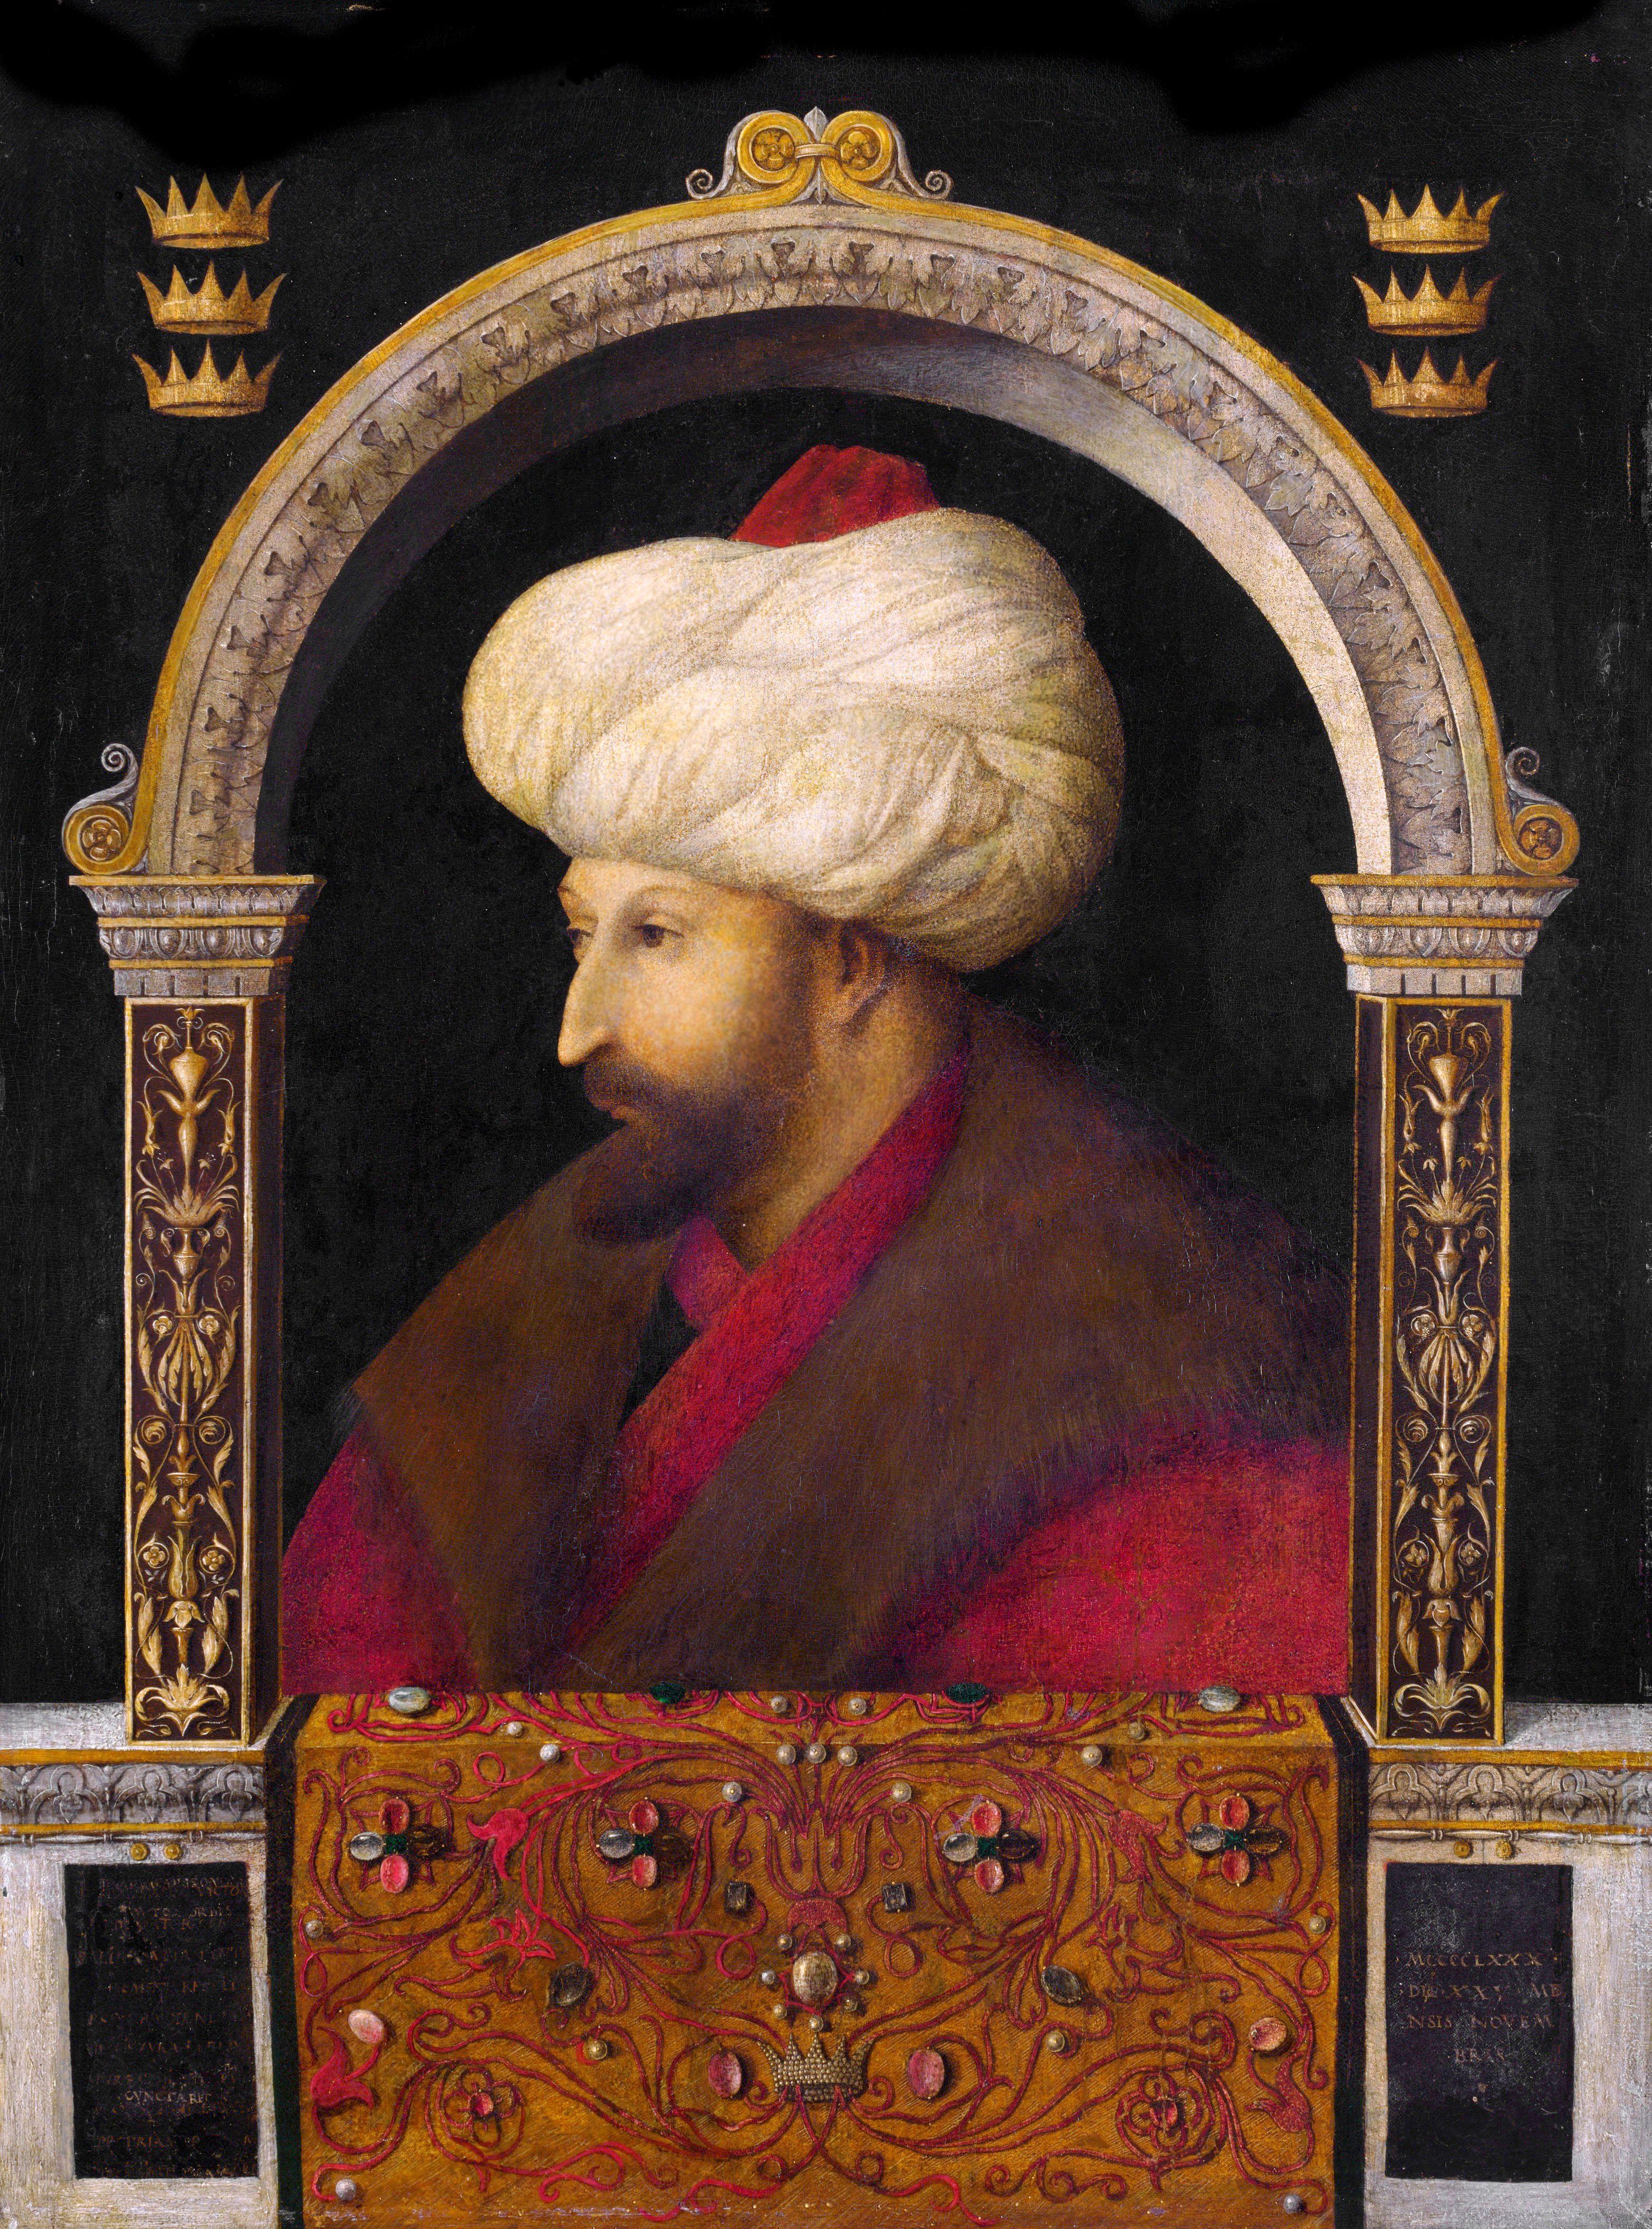 Il famoso ritratto di Maometto II di Gentile Bellini conservato nel Victoria and Albert Museum di Londra